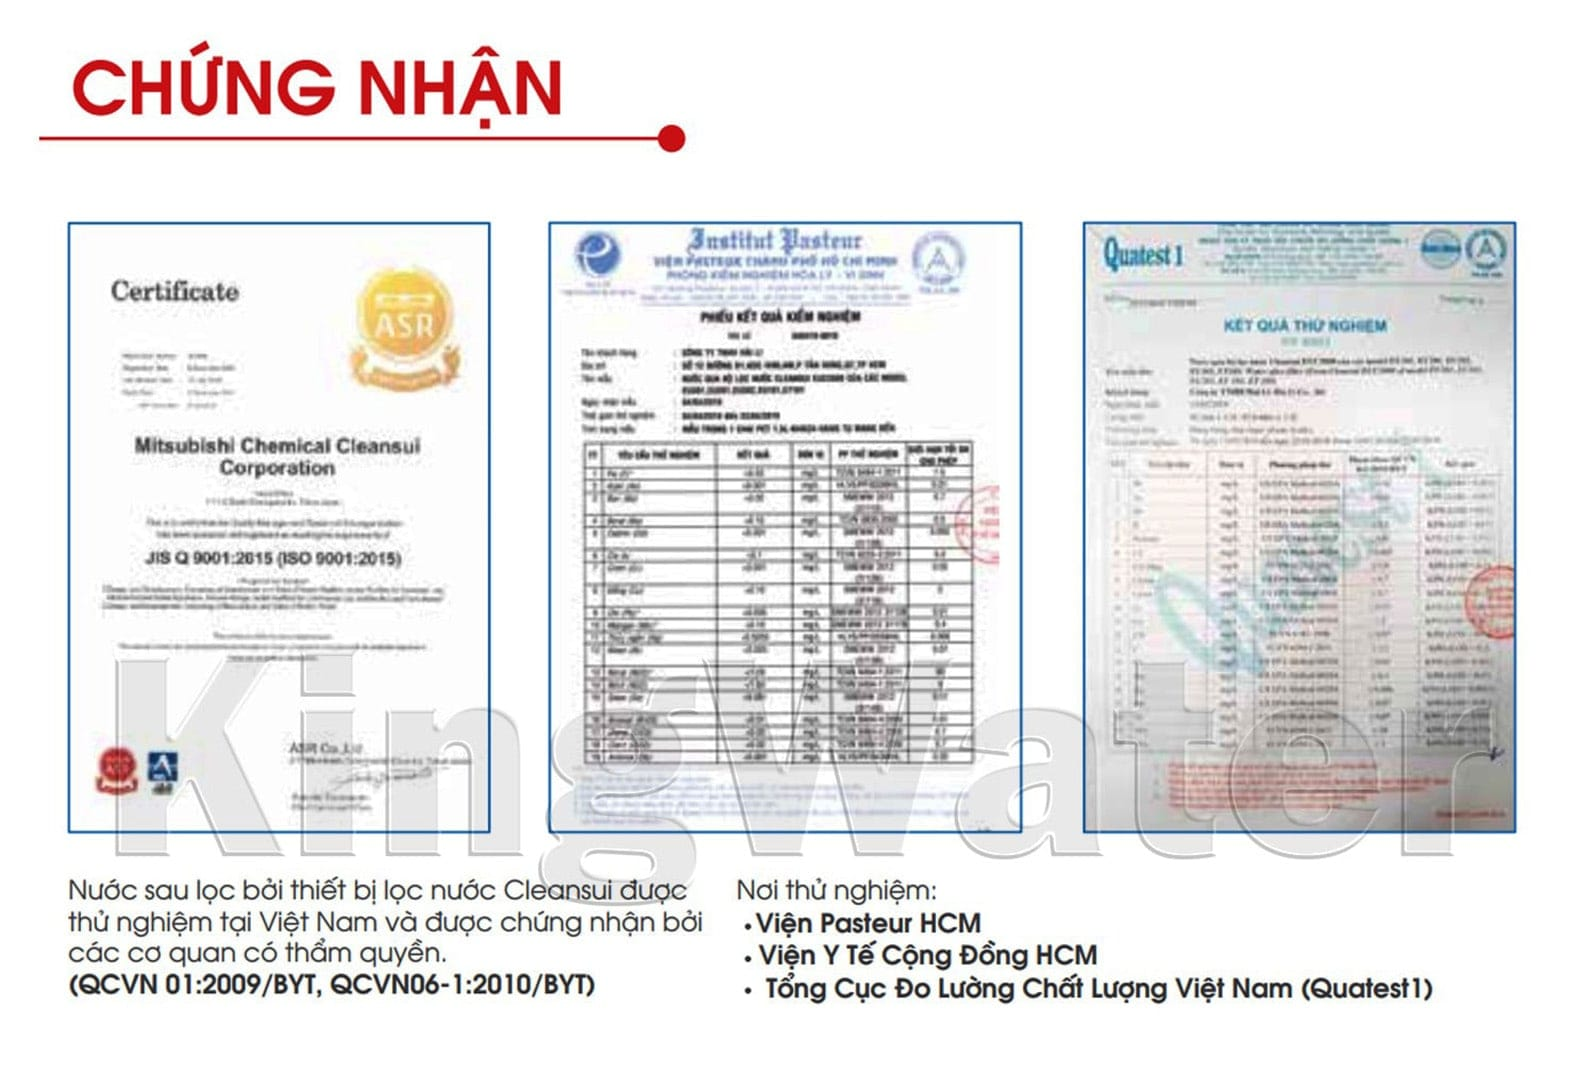 Máy lọc nước Cleansui ET101 còn được cấp chứng nhận đạt chuẩn quốc gia về nước sạch tại Việt Nam